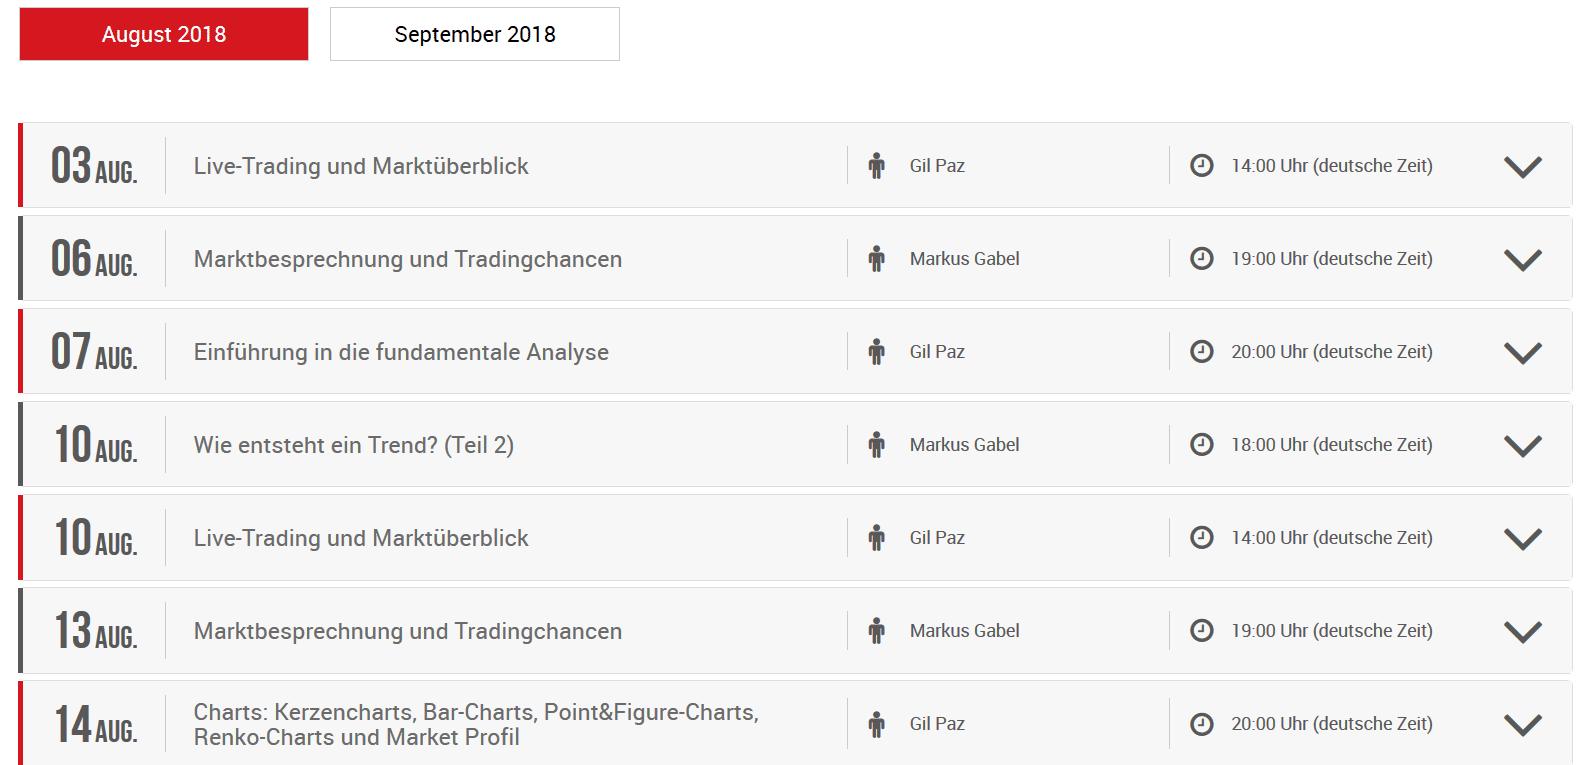 Liste der Webinare bei XM im August 2018